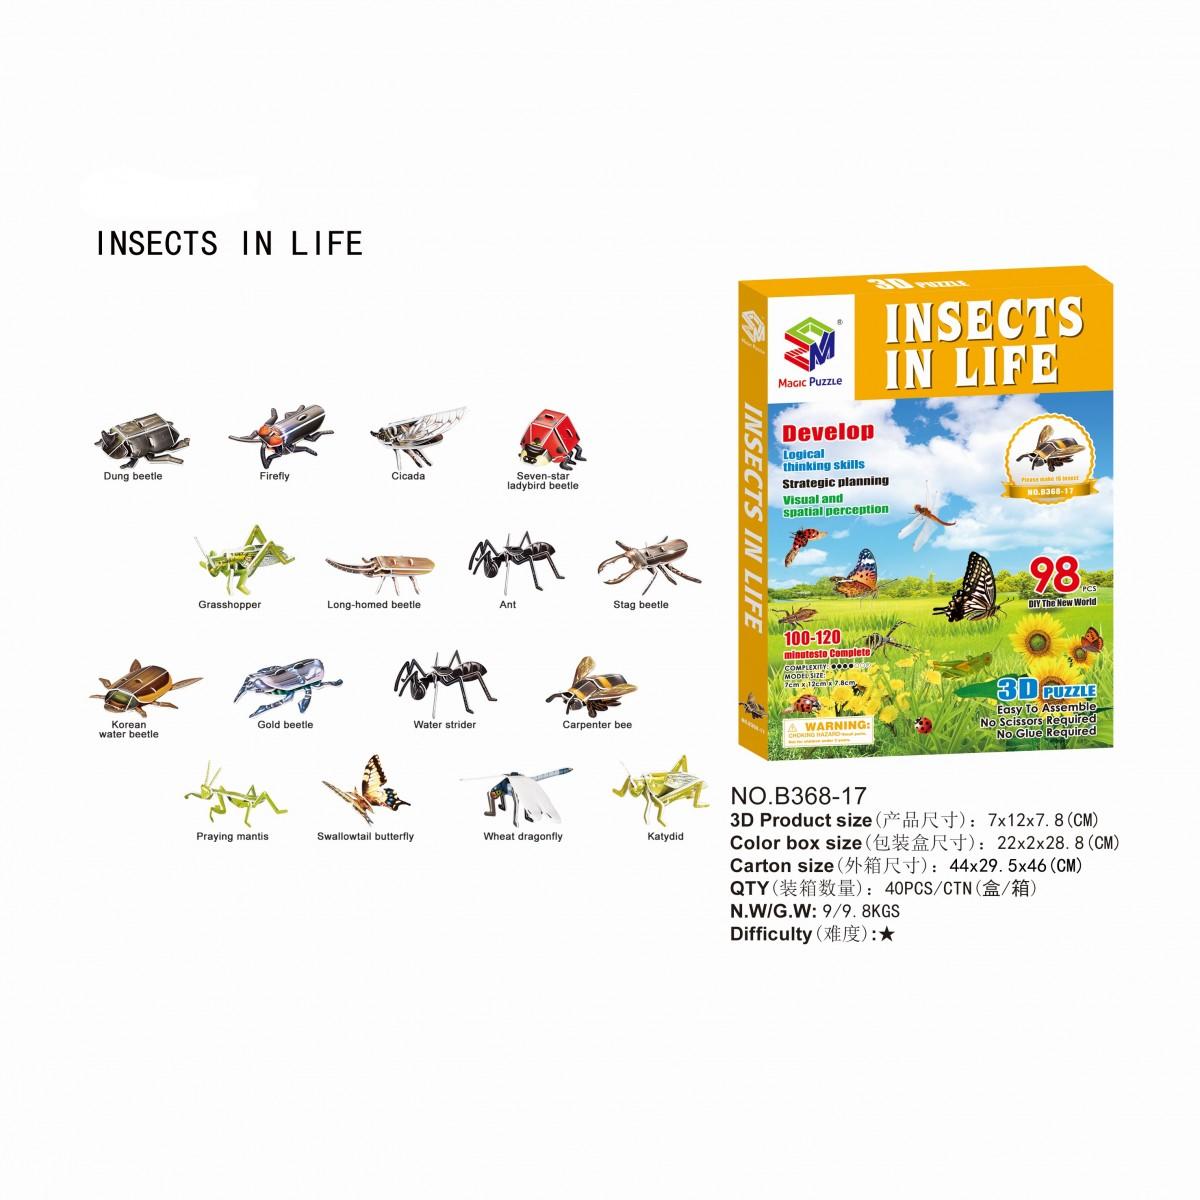 昆虫シリーズ 3Dパズル イメージ